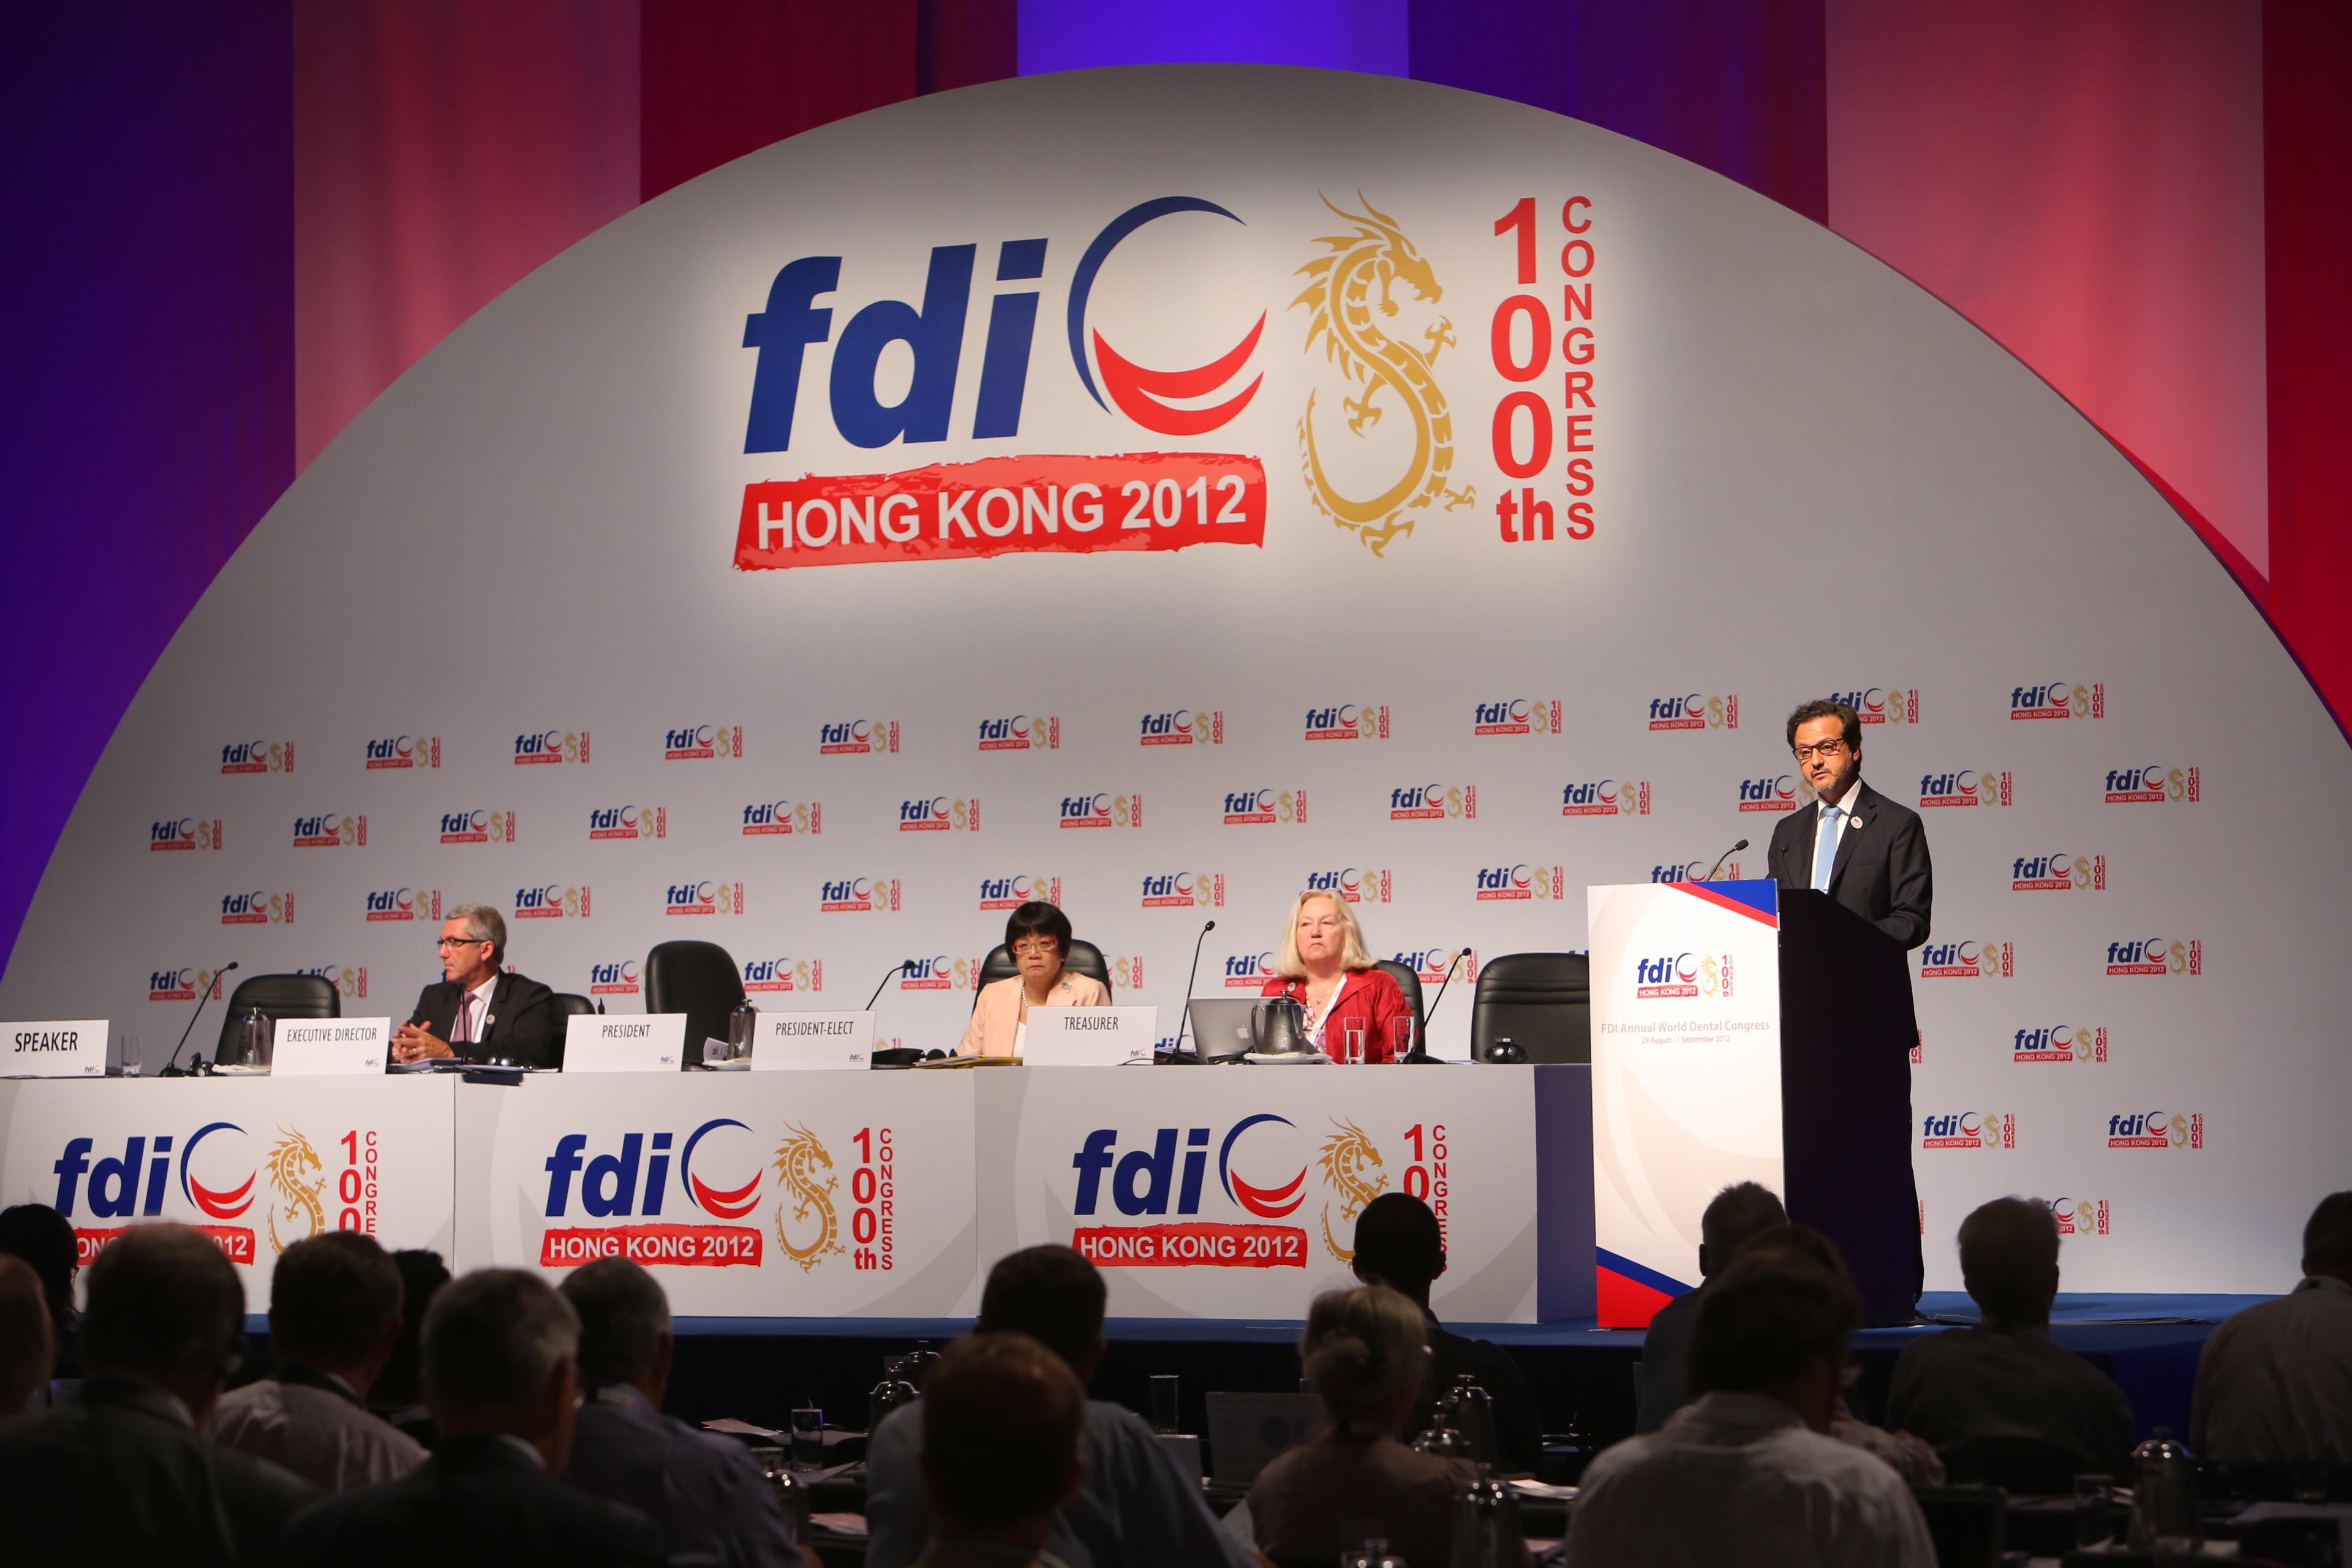 """2012 visszatekintés: """"Kihívásokkal teli, de gyümölcsöző év volt"""""""